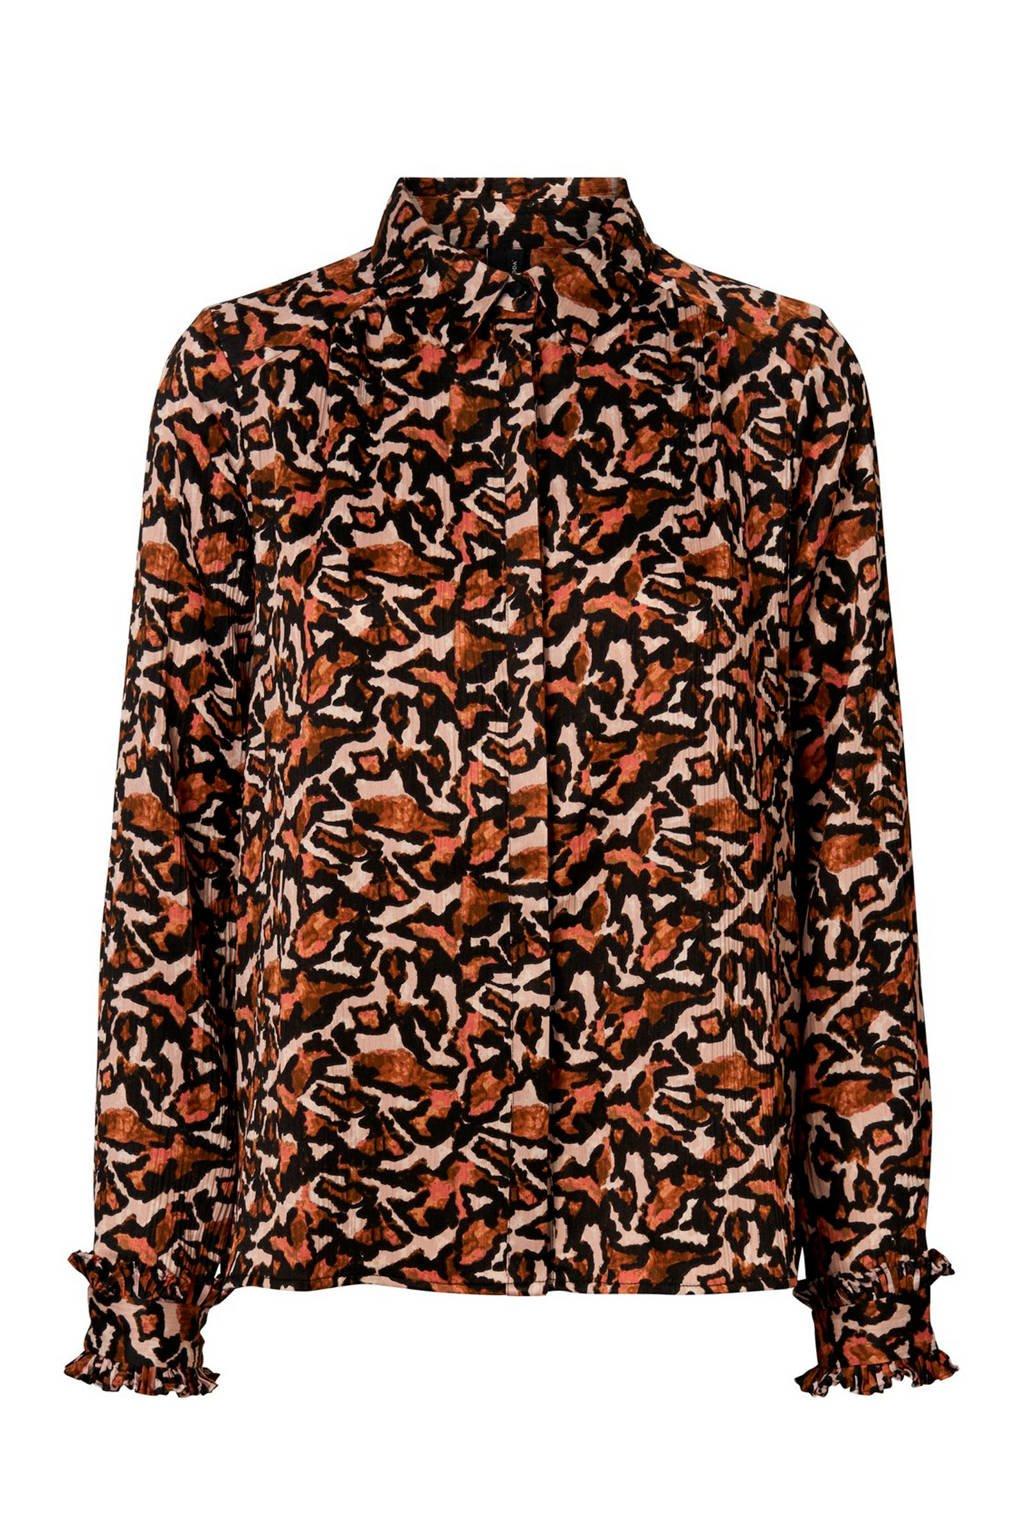 VERO MODA blouse met all over print en ruches bruin/beige, Bruin/beige